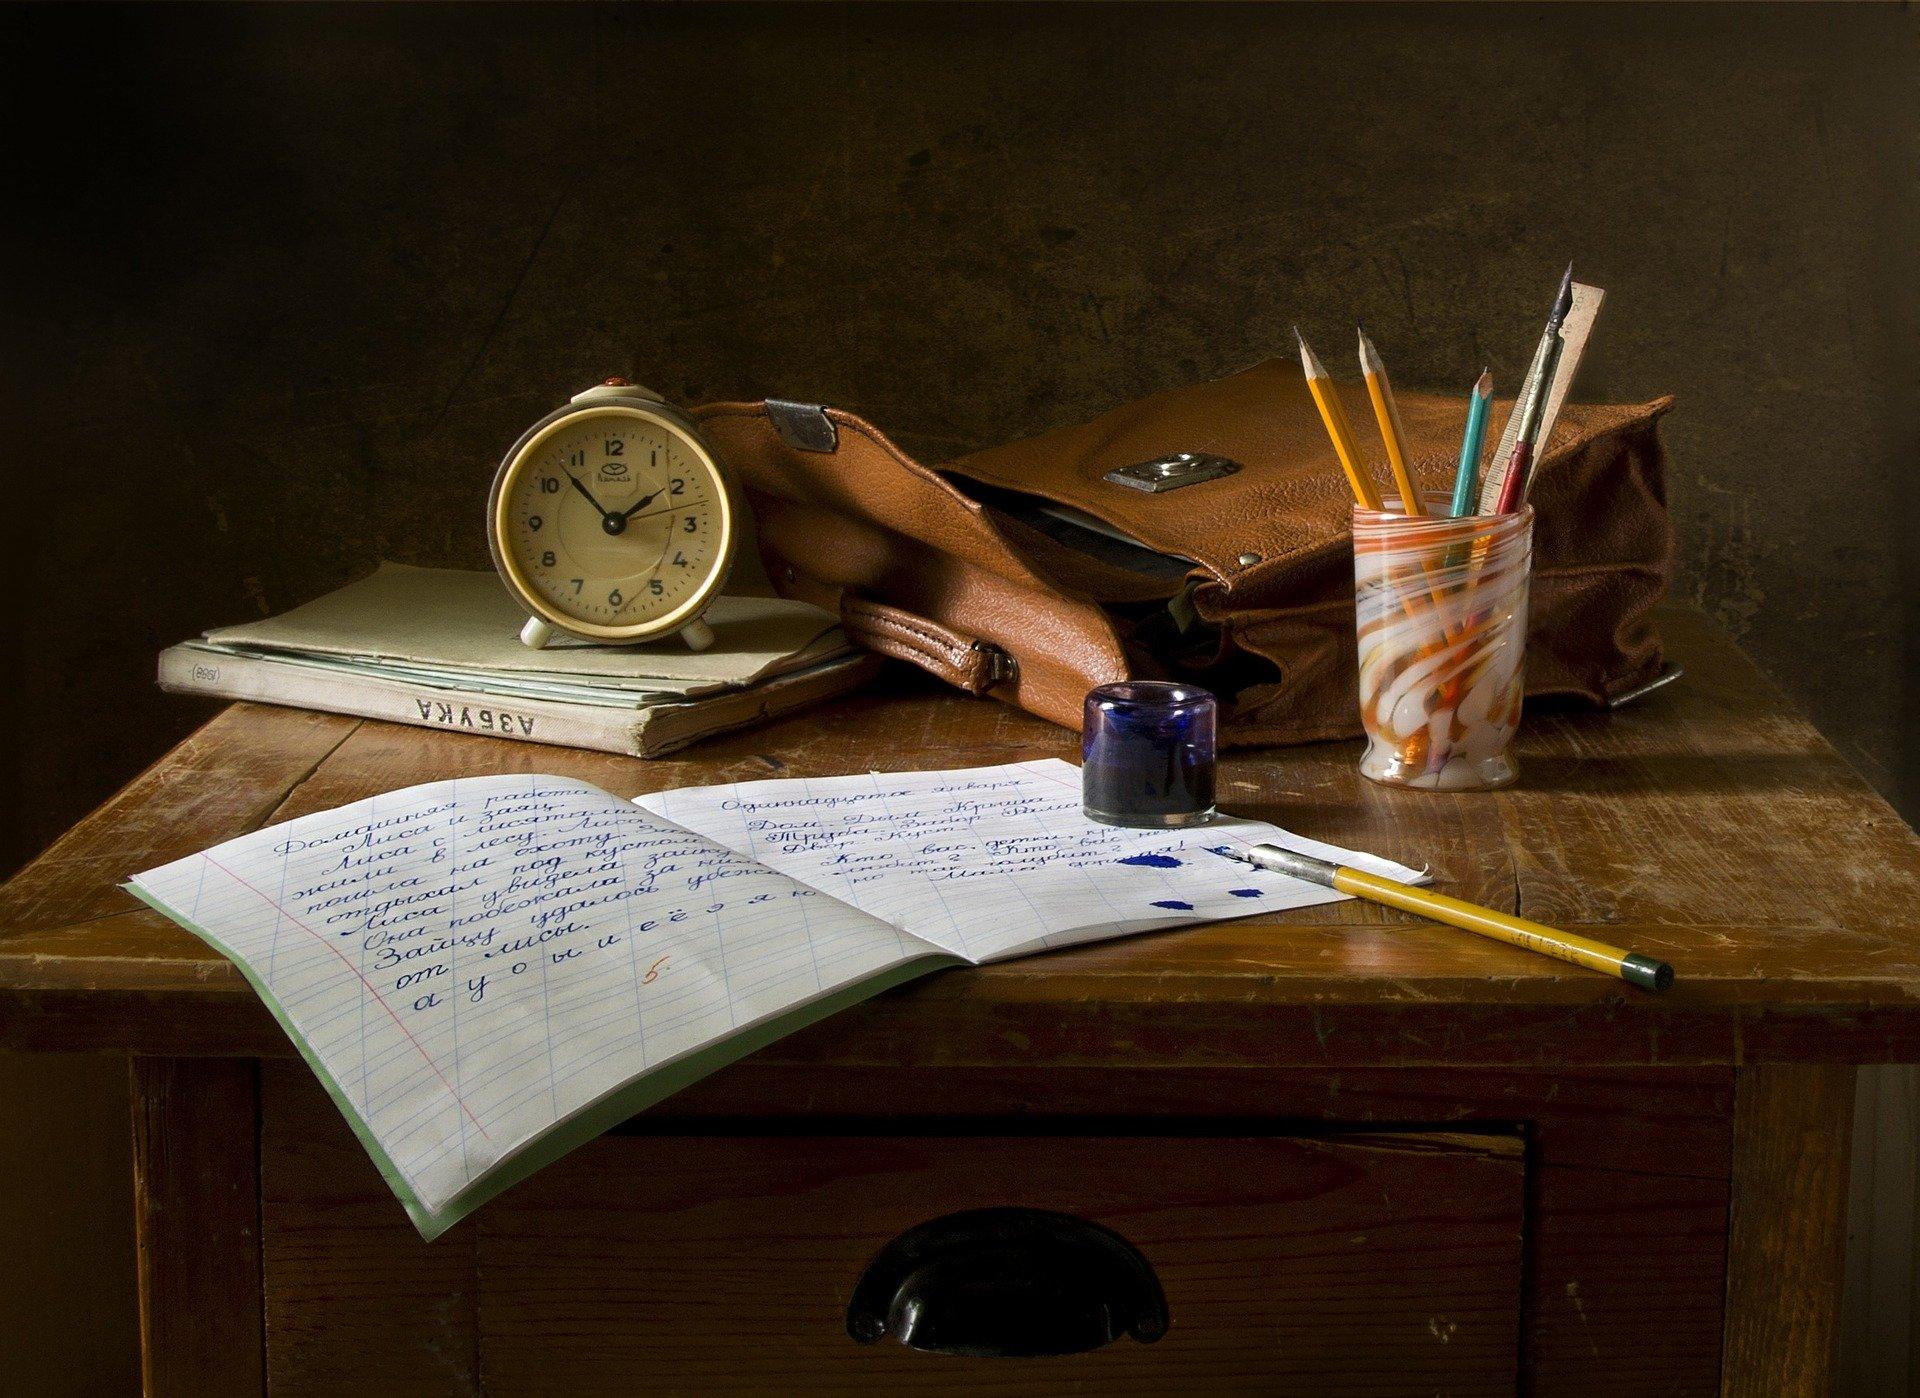 前川ほまれの『跡を消す』を読んで、死について考える【書評】